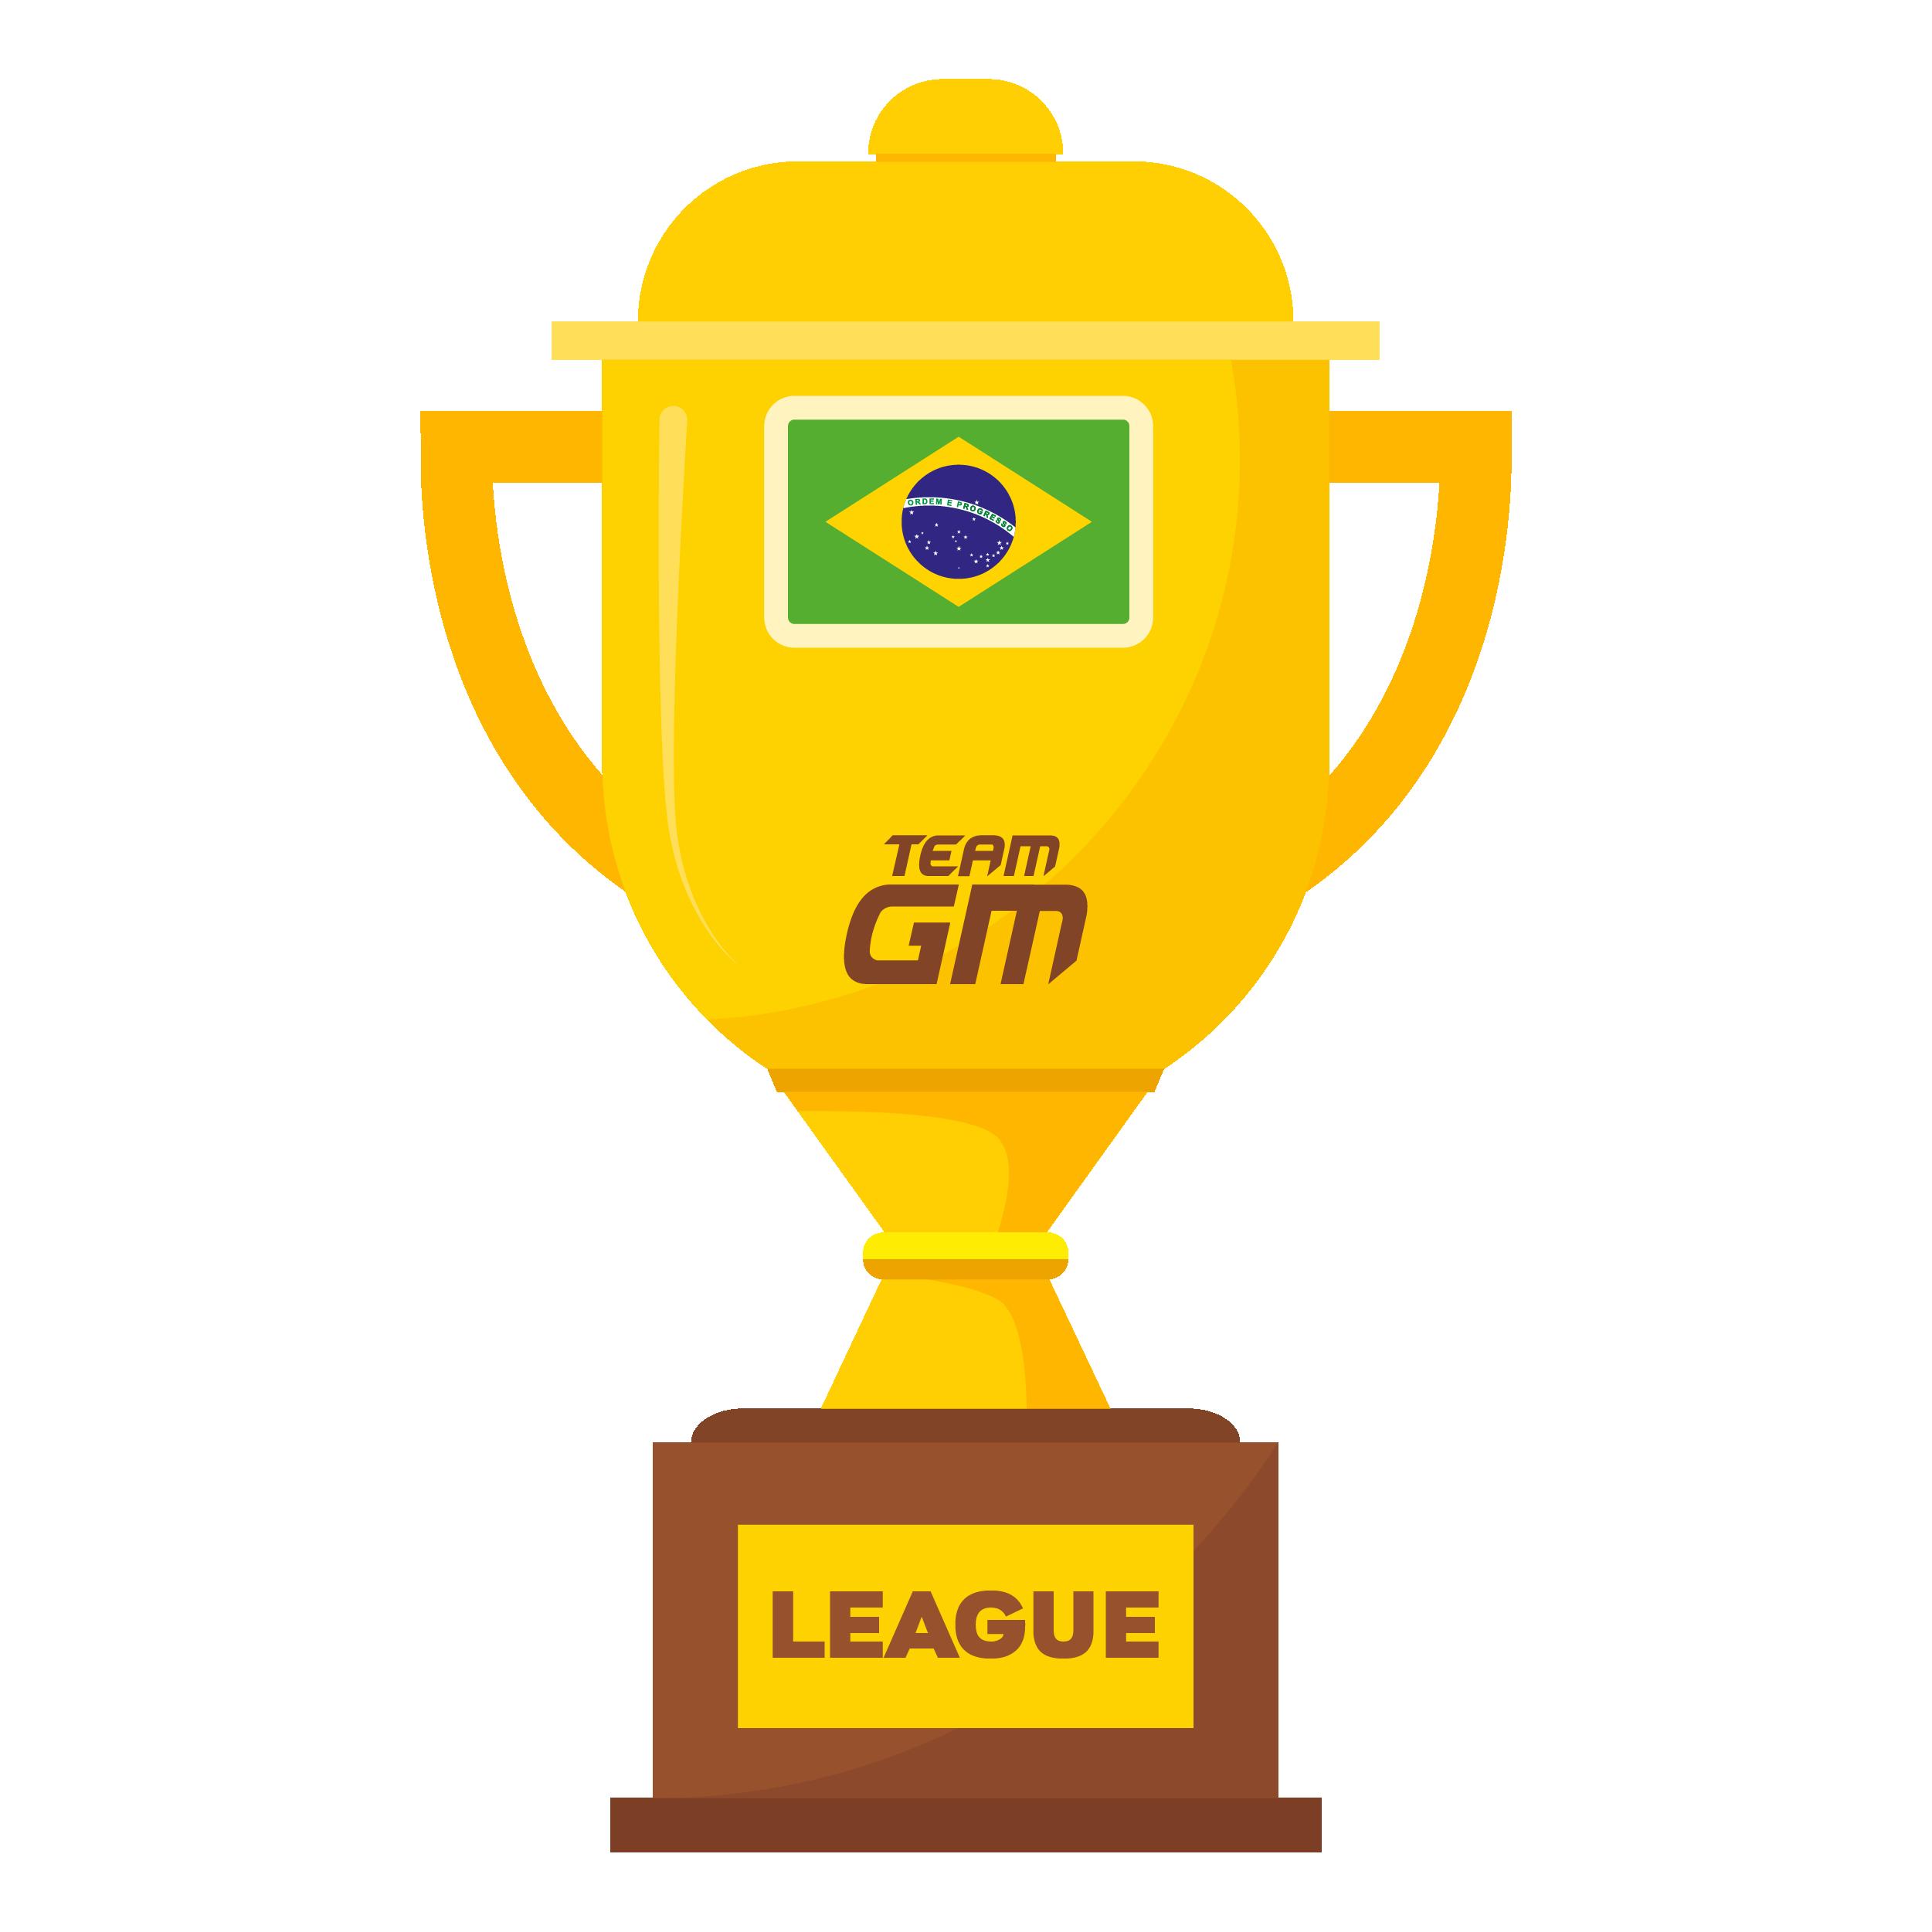 5TH - BRAZILIAN SUPERLEAGUE